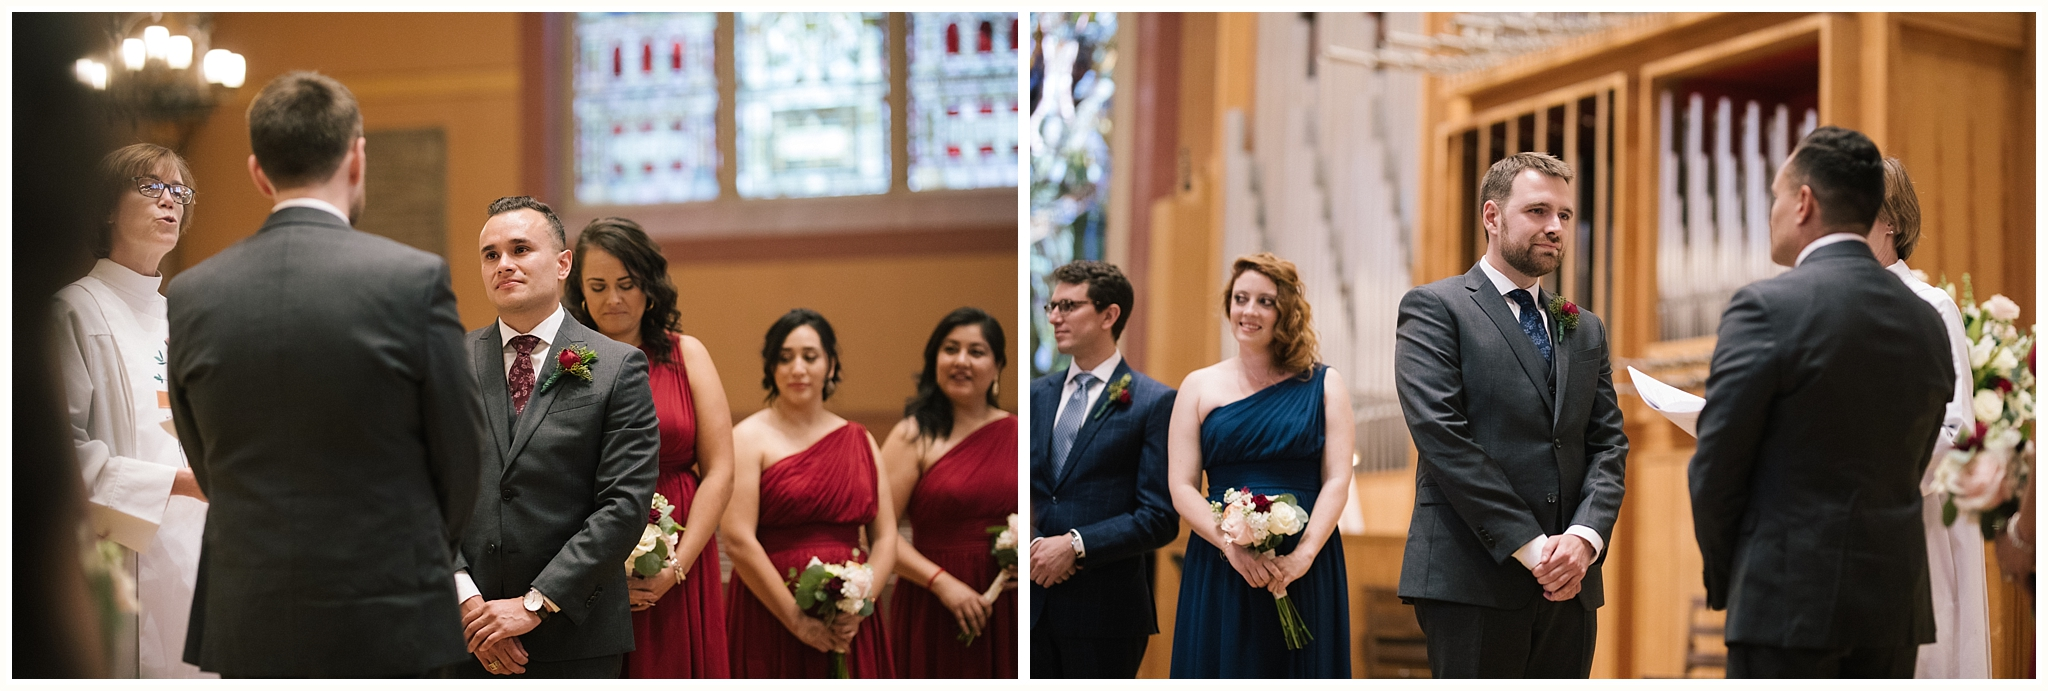 Boston MA Wedding MIT_0016.jpg